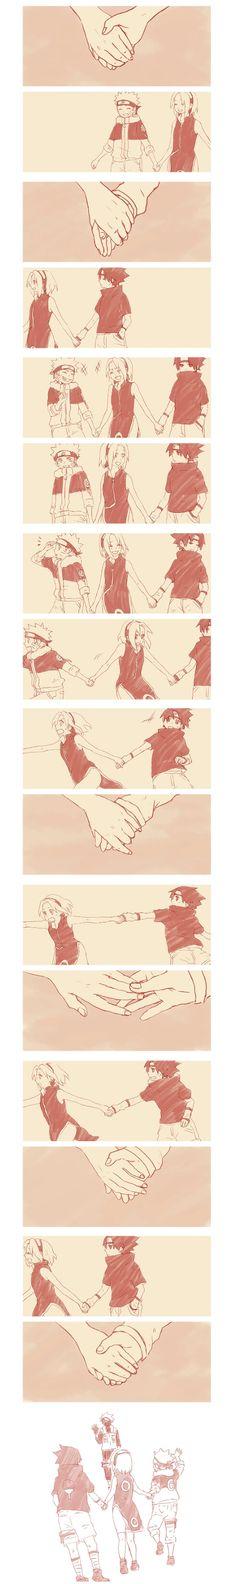 Sasuke ne lâchera jamais la main de sakura